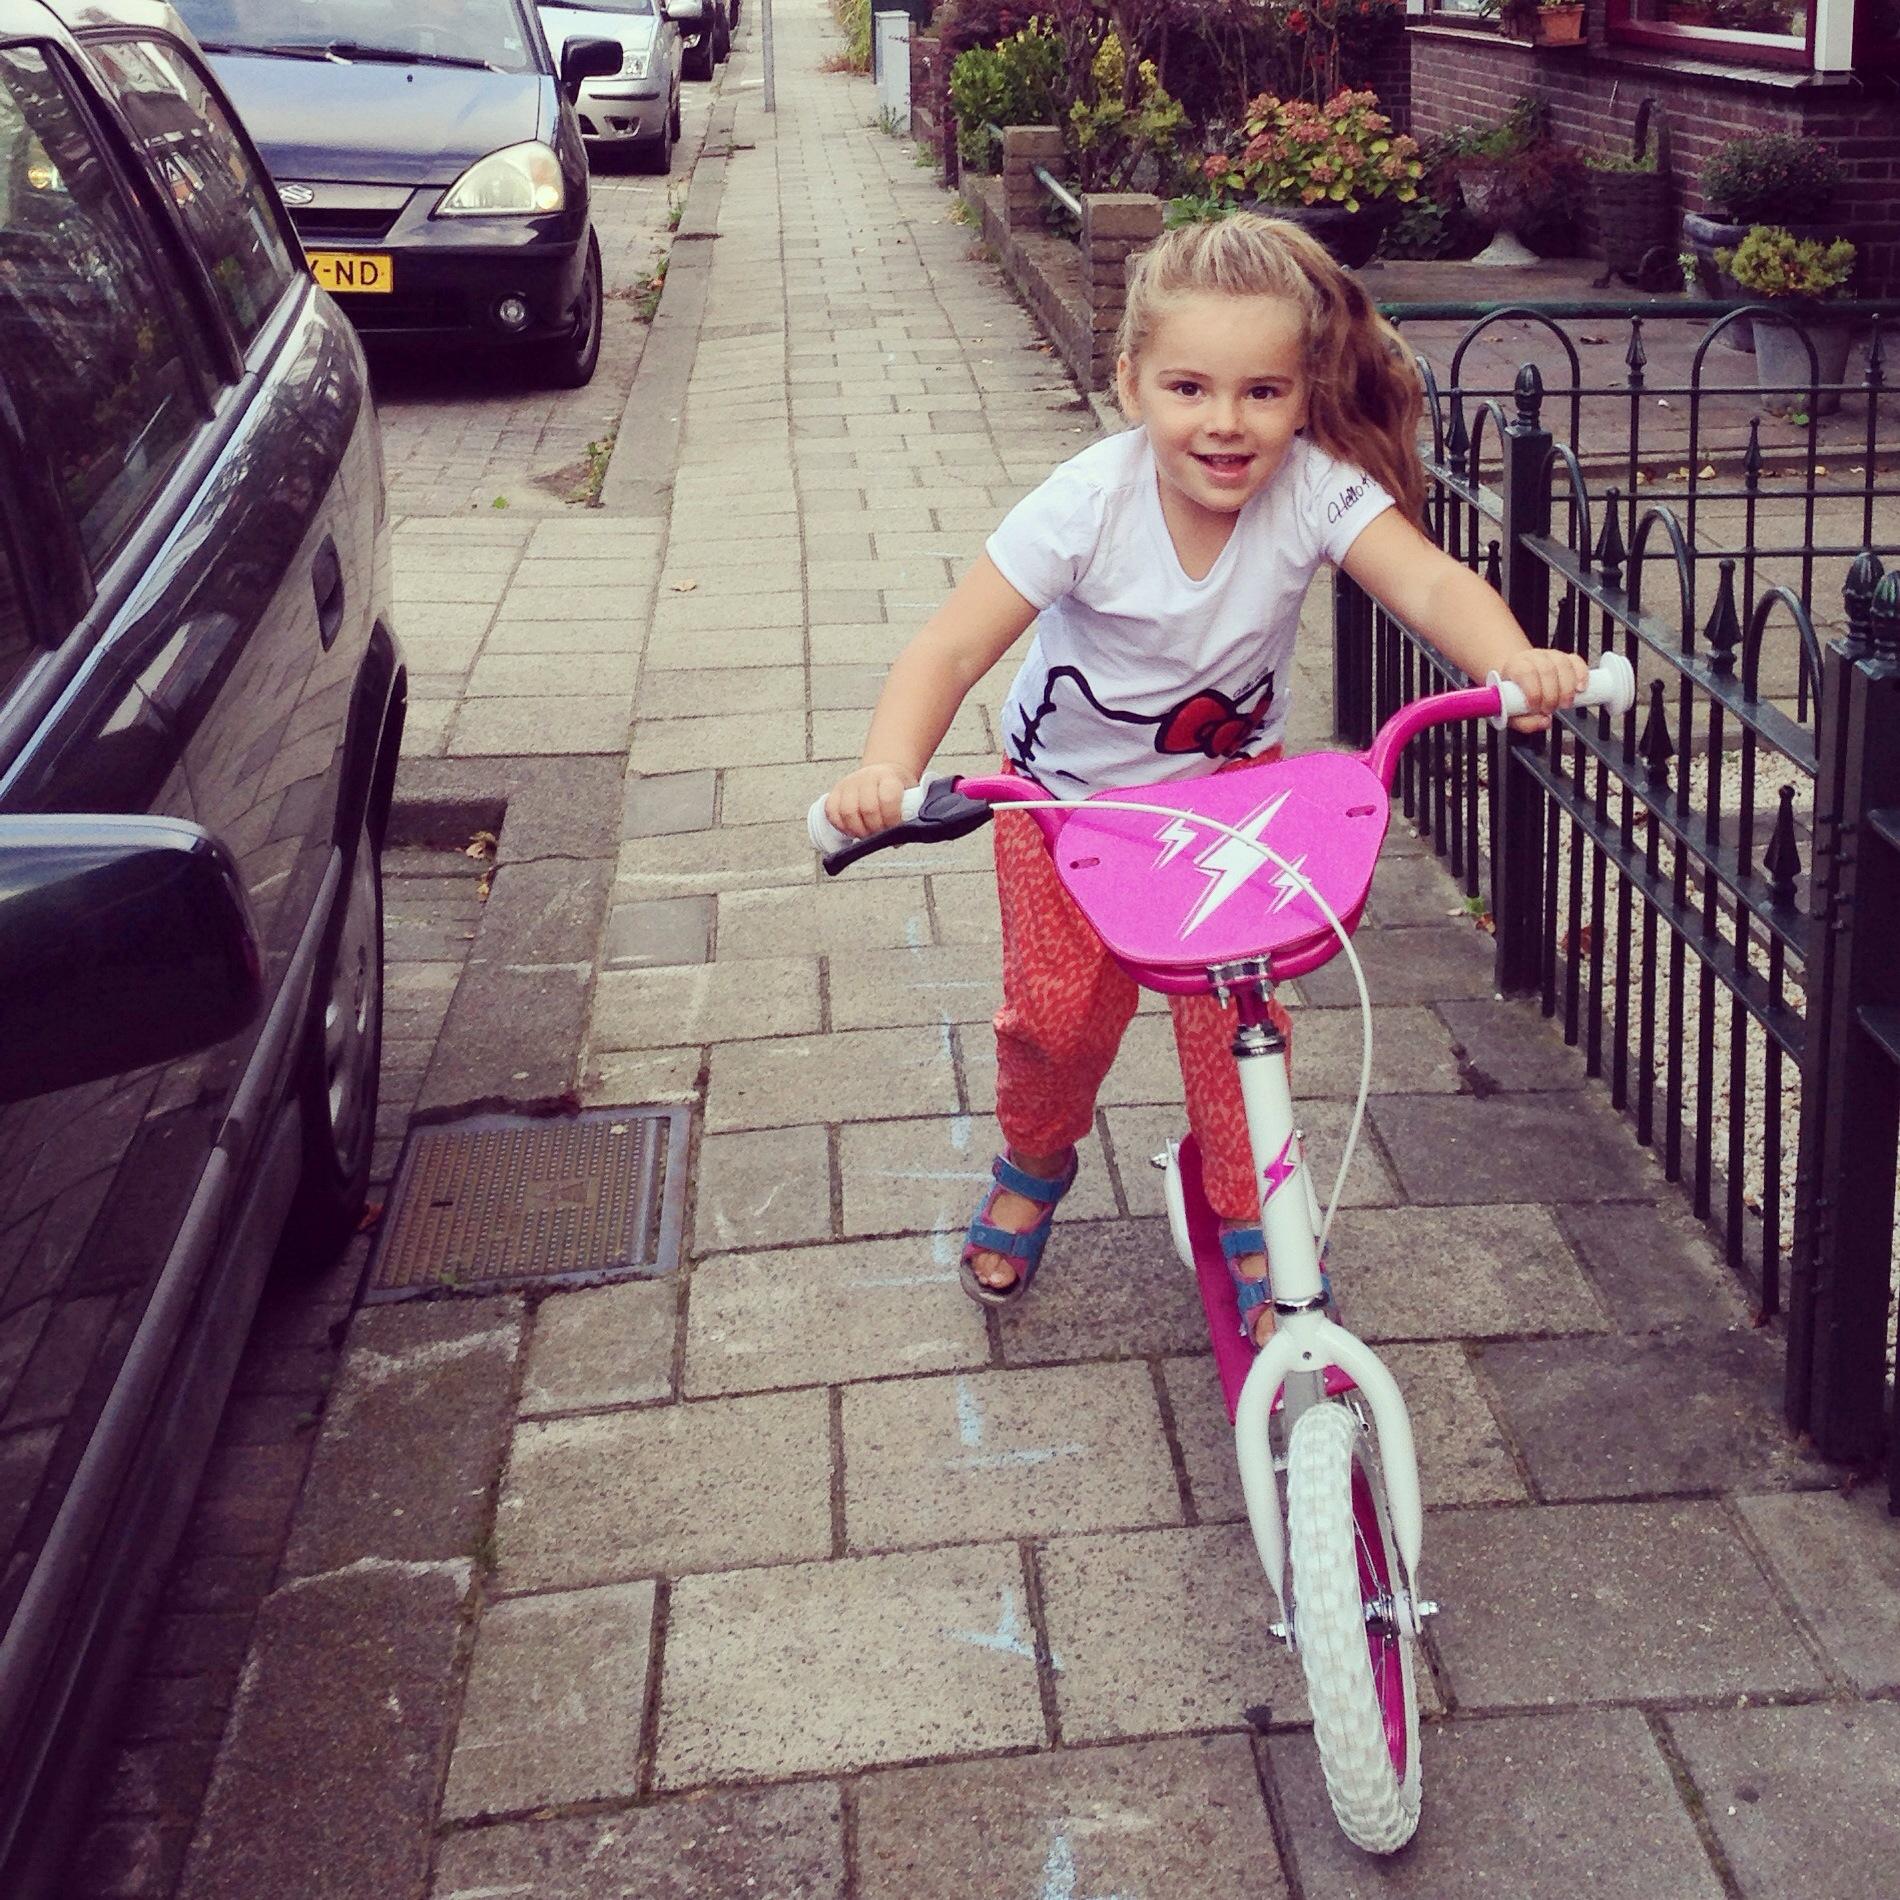 Zaterdagochtend reed Eva zo trots als een pauw op haar nieuwe step naar het dorp.